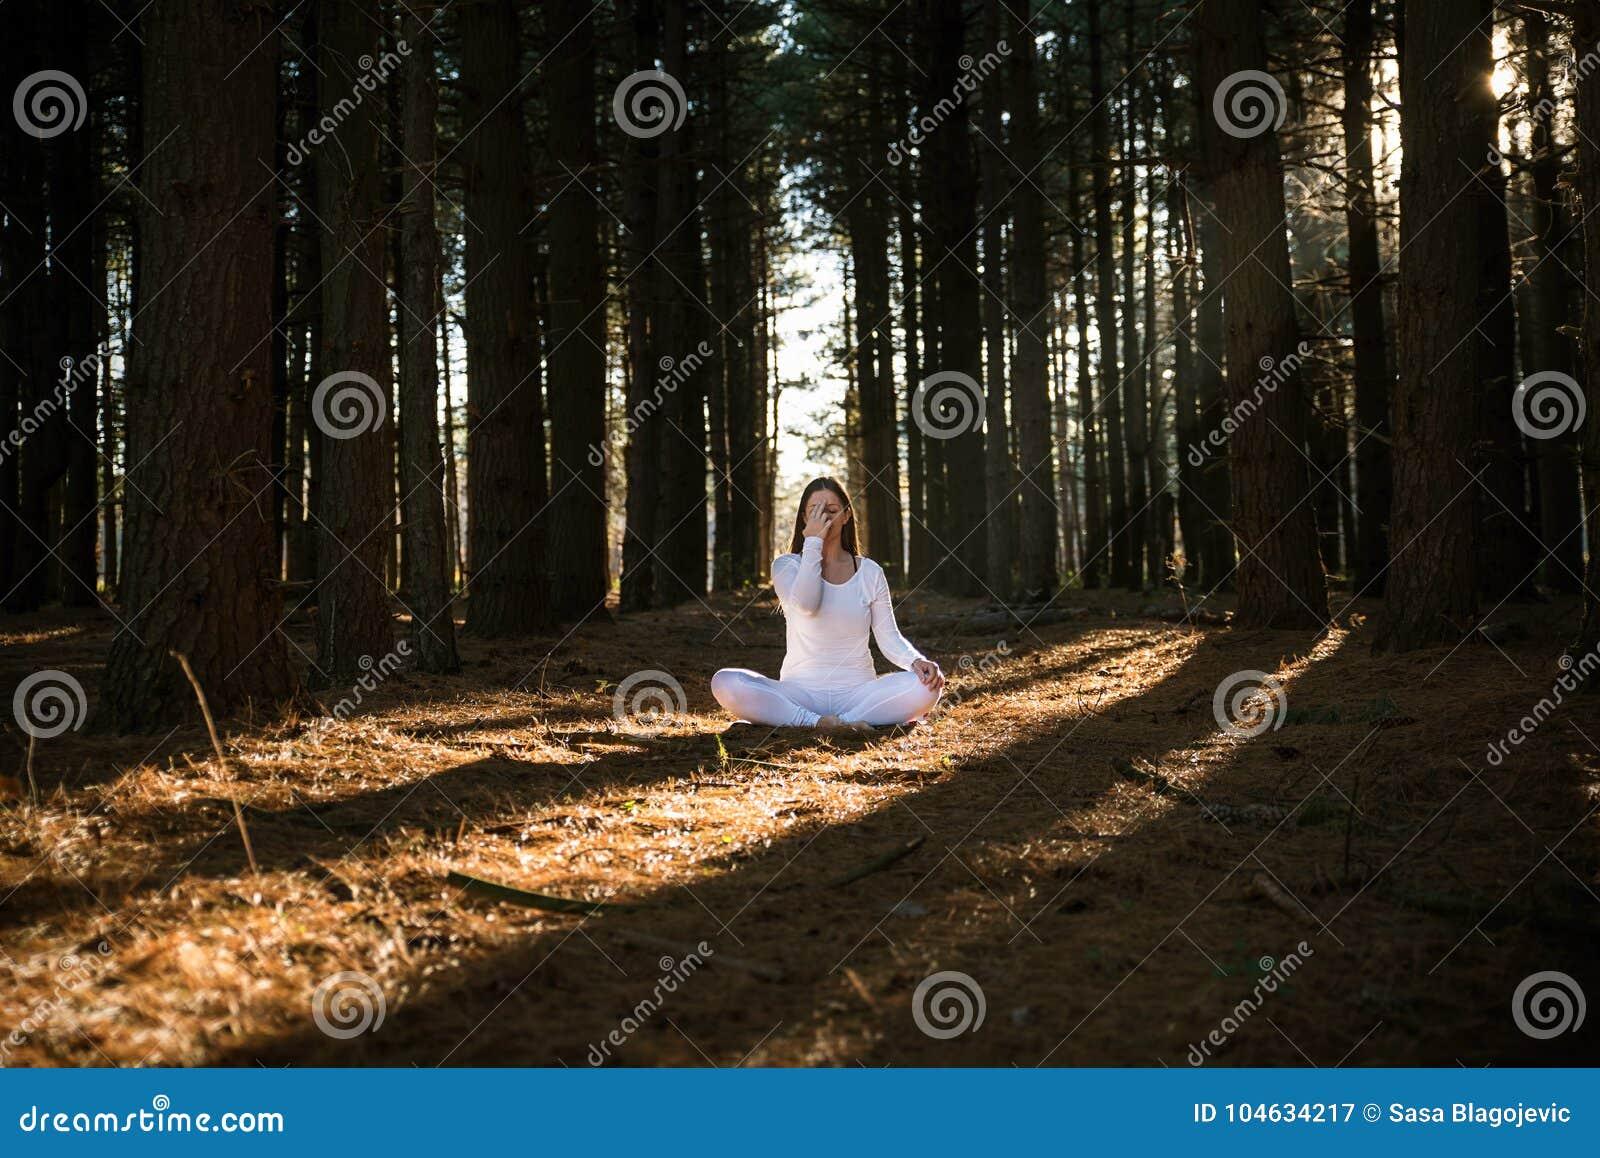 Download Meisje dat yoga doet stock afbeelding. Afbeelding bestaande uit serene - 104634217